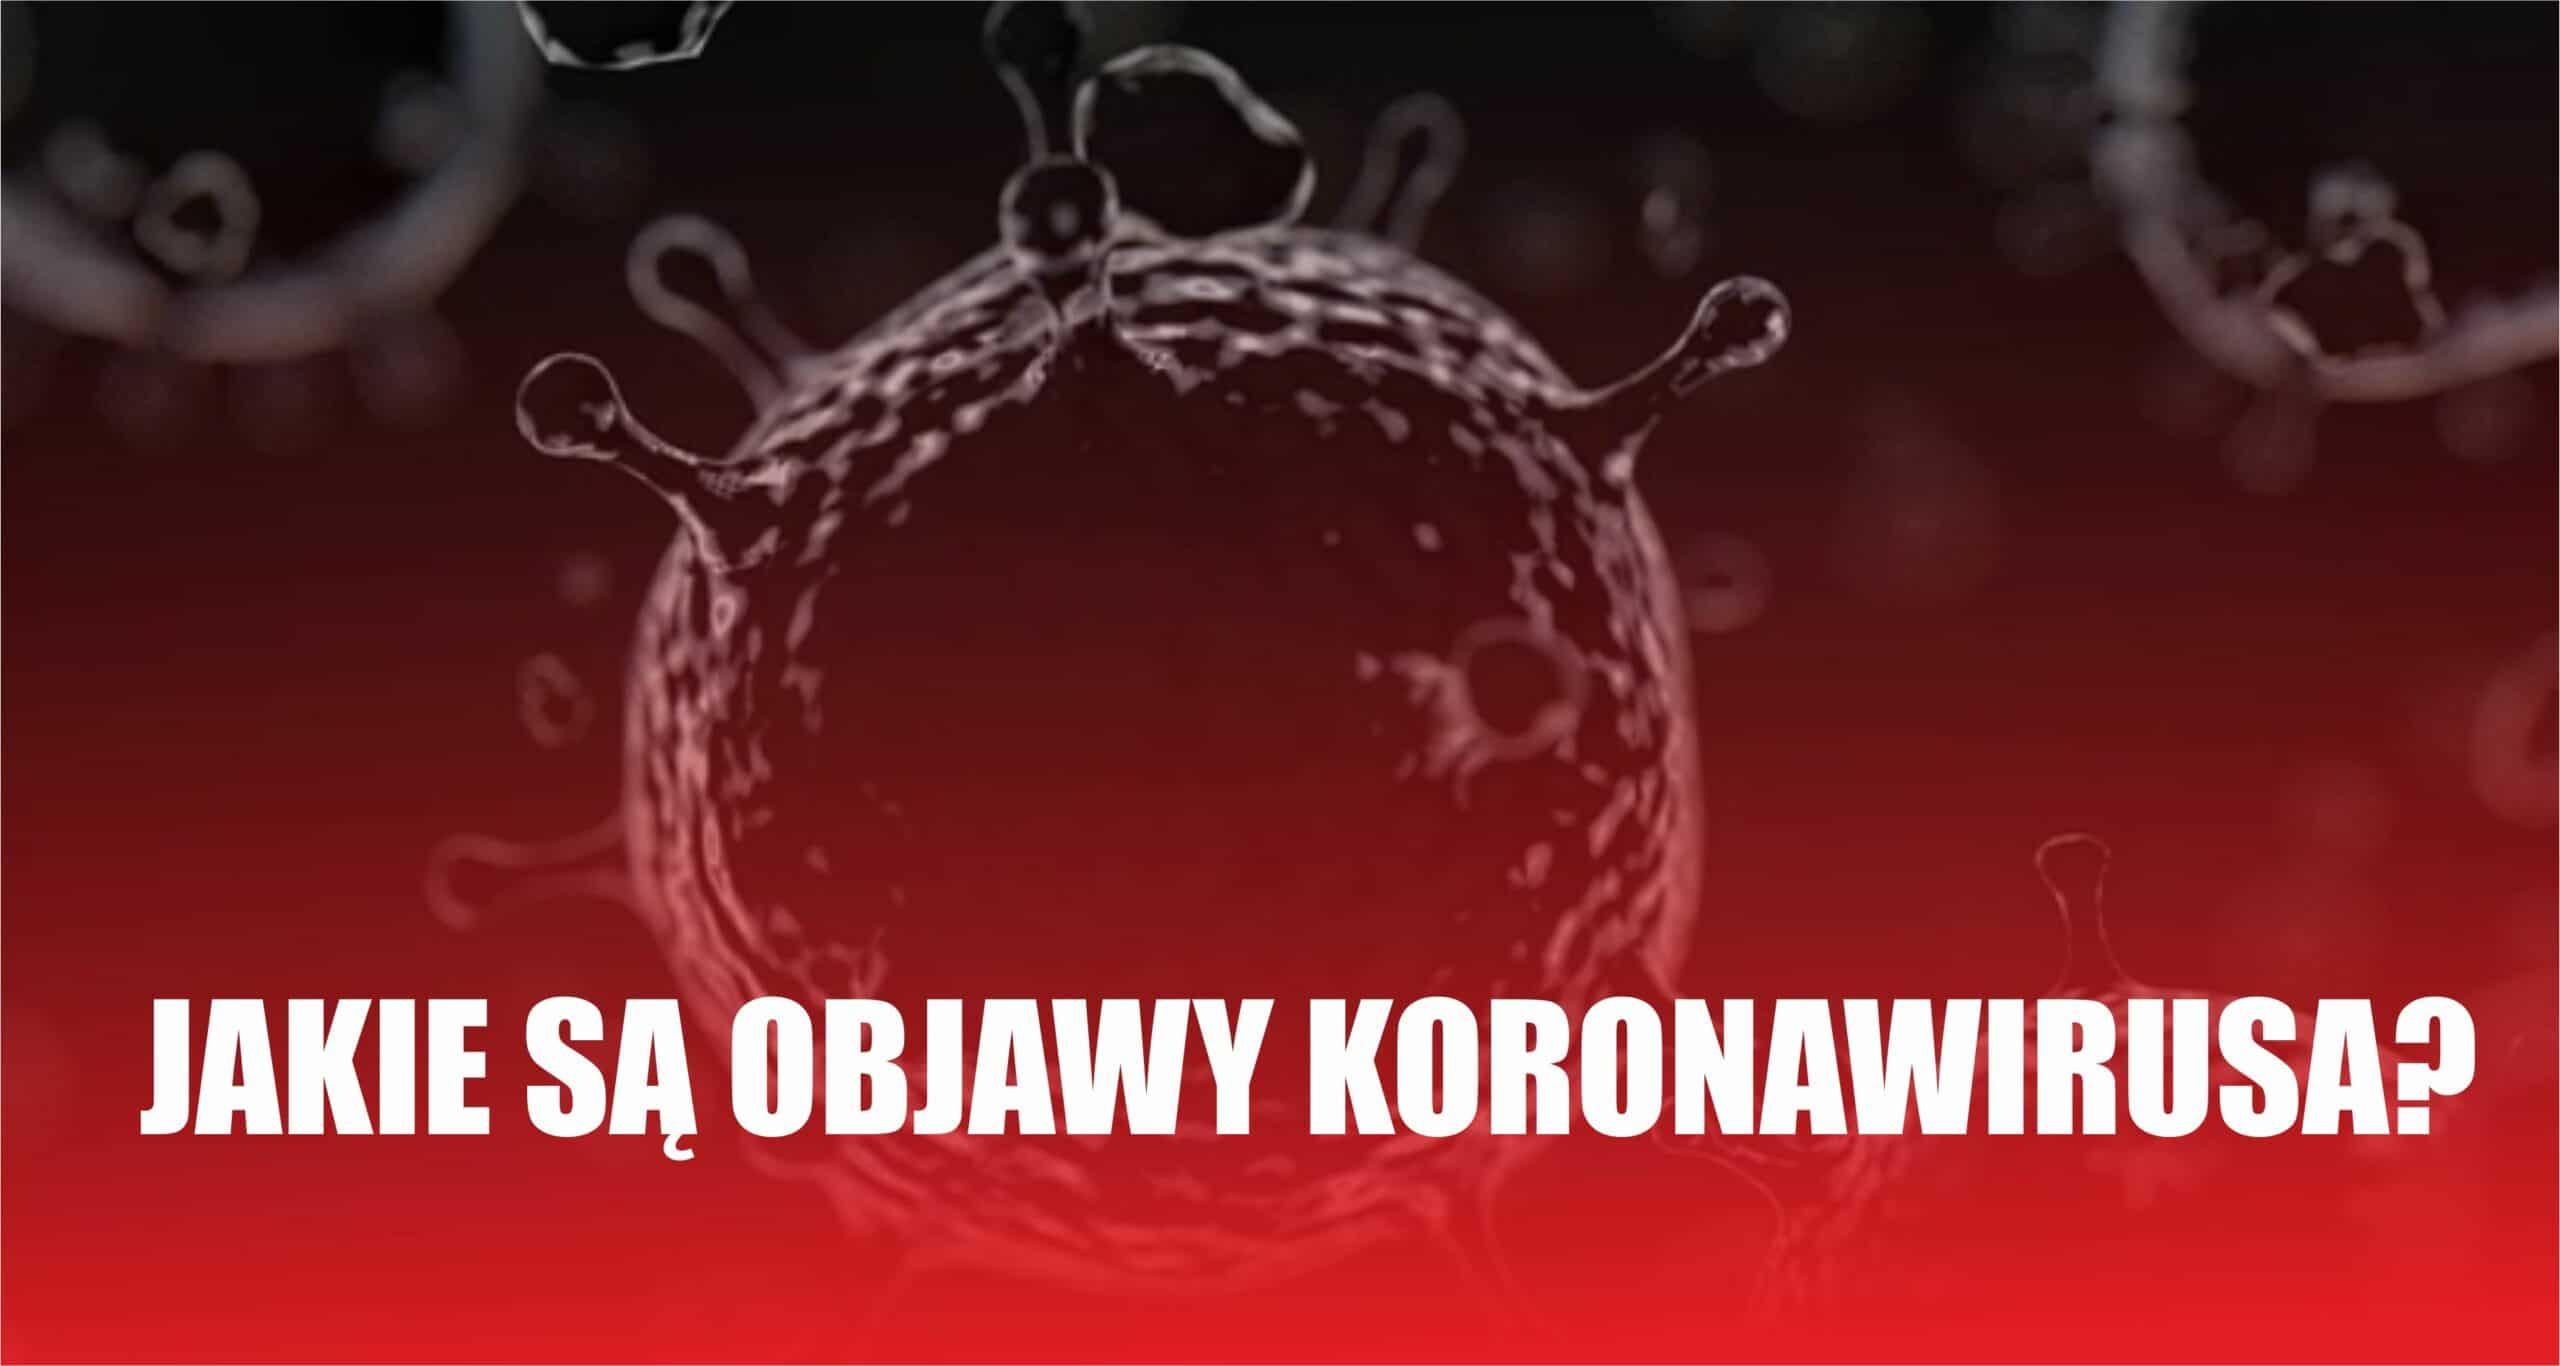 """Koronawirus dotarł do Polski, diagnozę postawiono w Zielonej Górze.Wiele osób zadaje sobie teraz pytanie """"czy mam koronawirusa"""", podajemy jakie są objawy"""